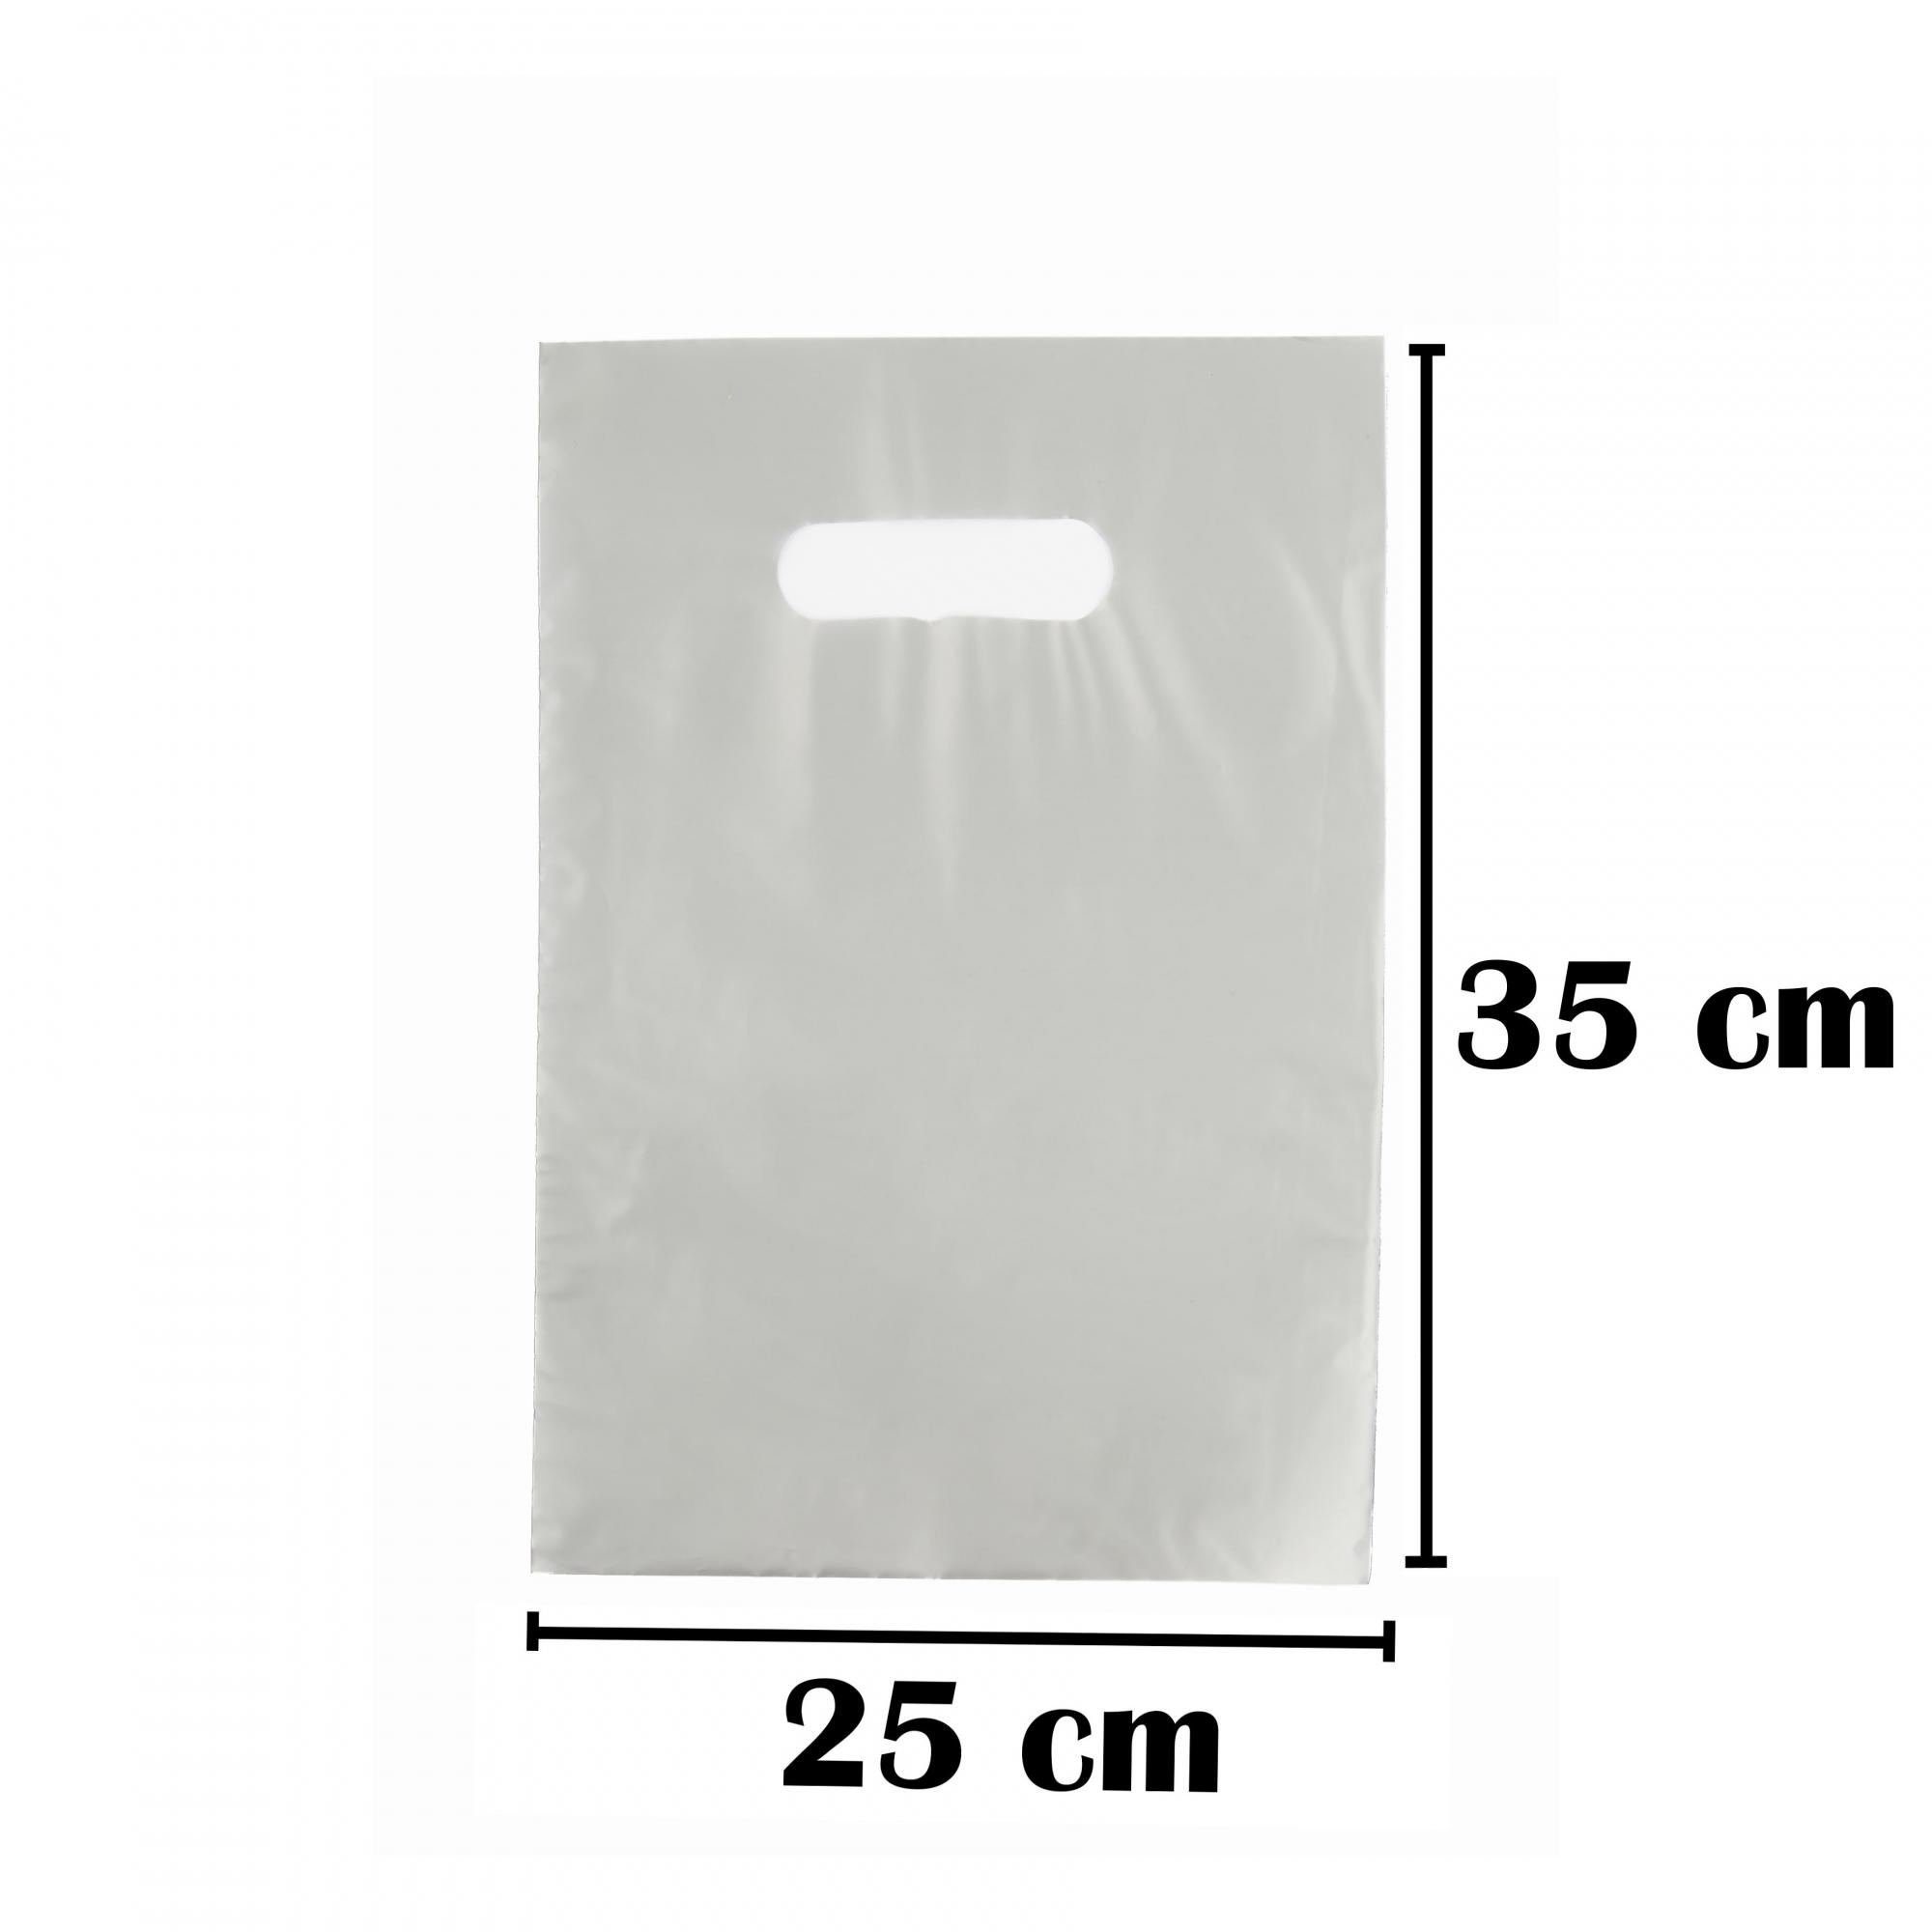 Sacola Plástica 25x35 Prata Alça Boca de Palhaço 250 Unidades